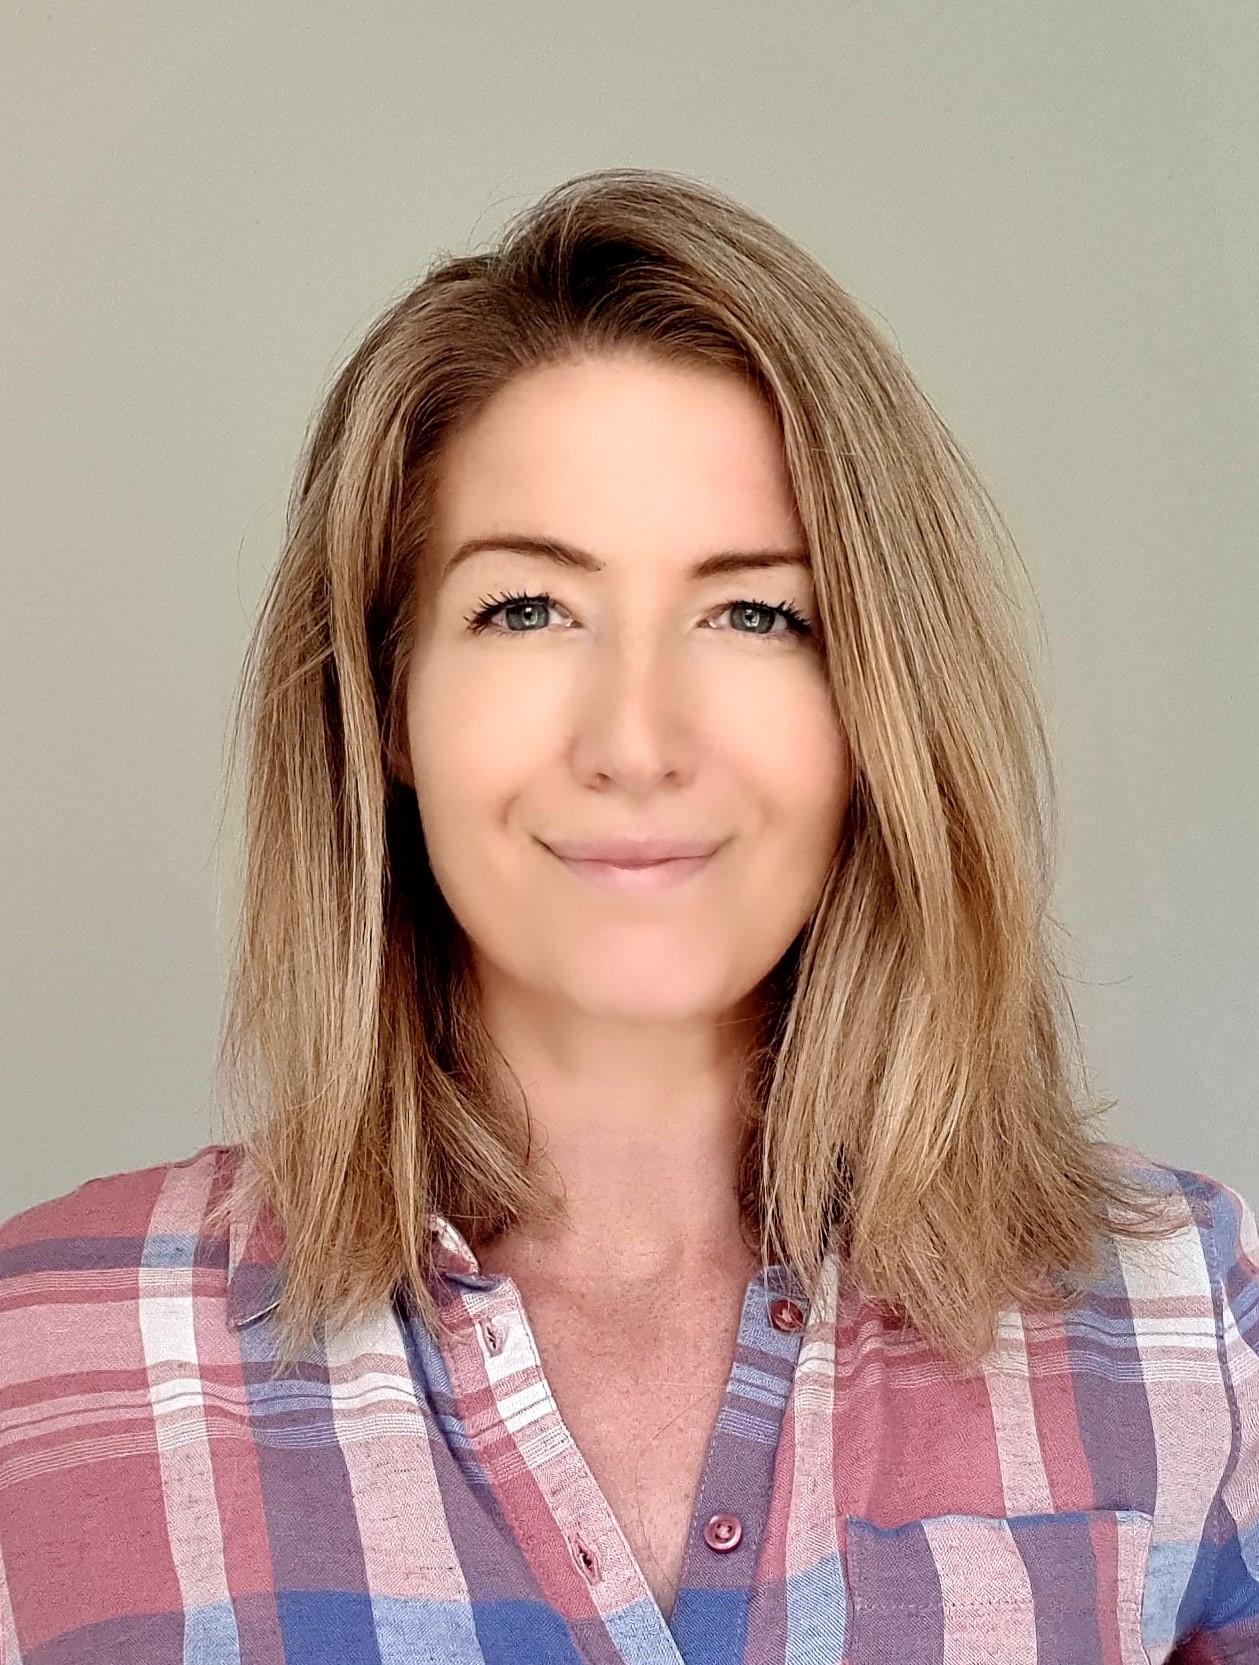 Joanna Langston